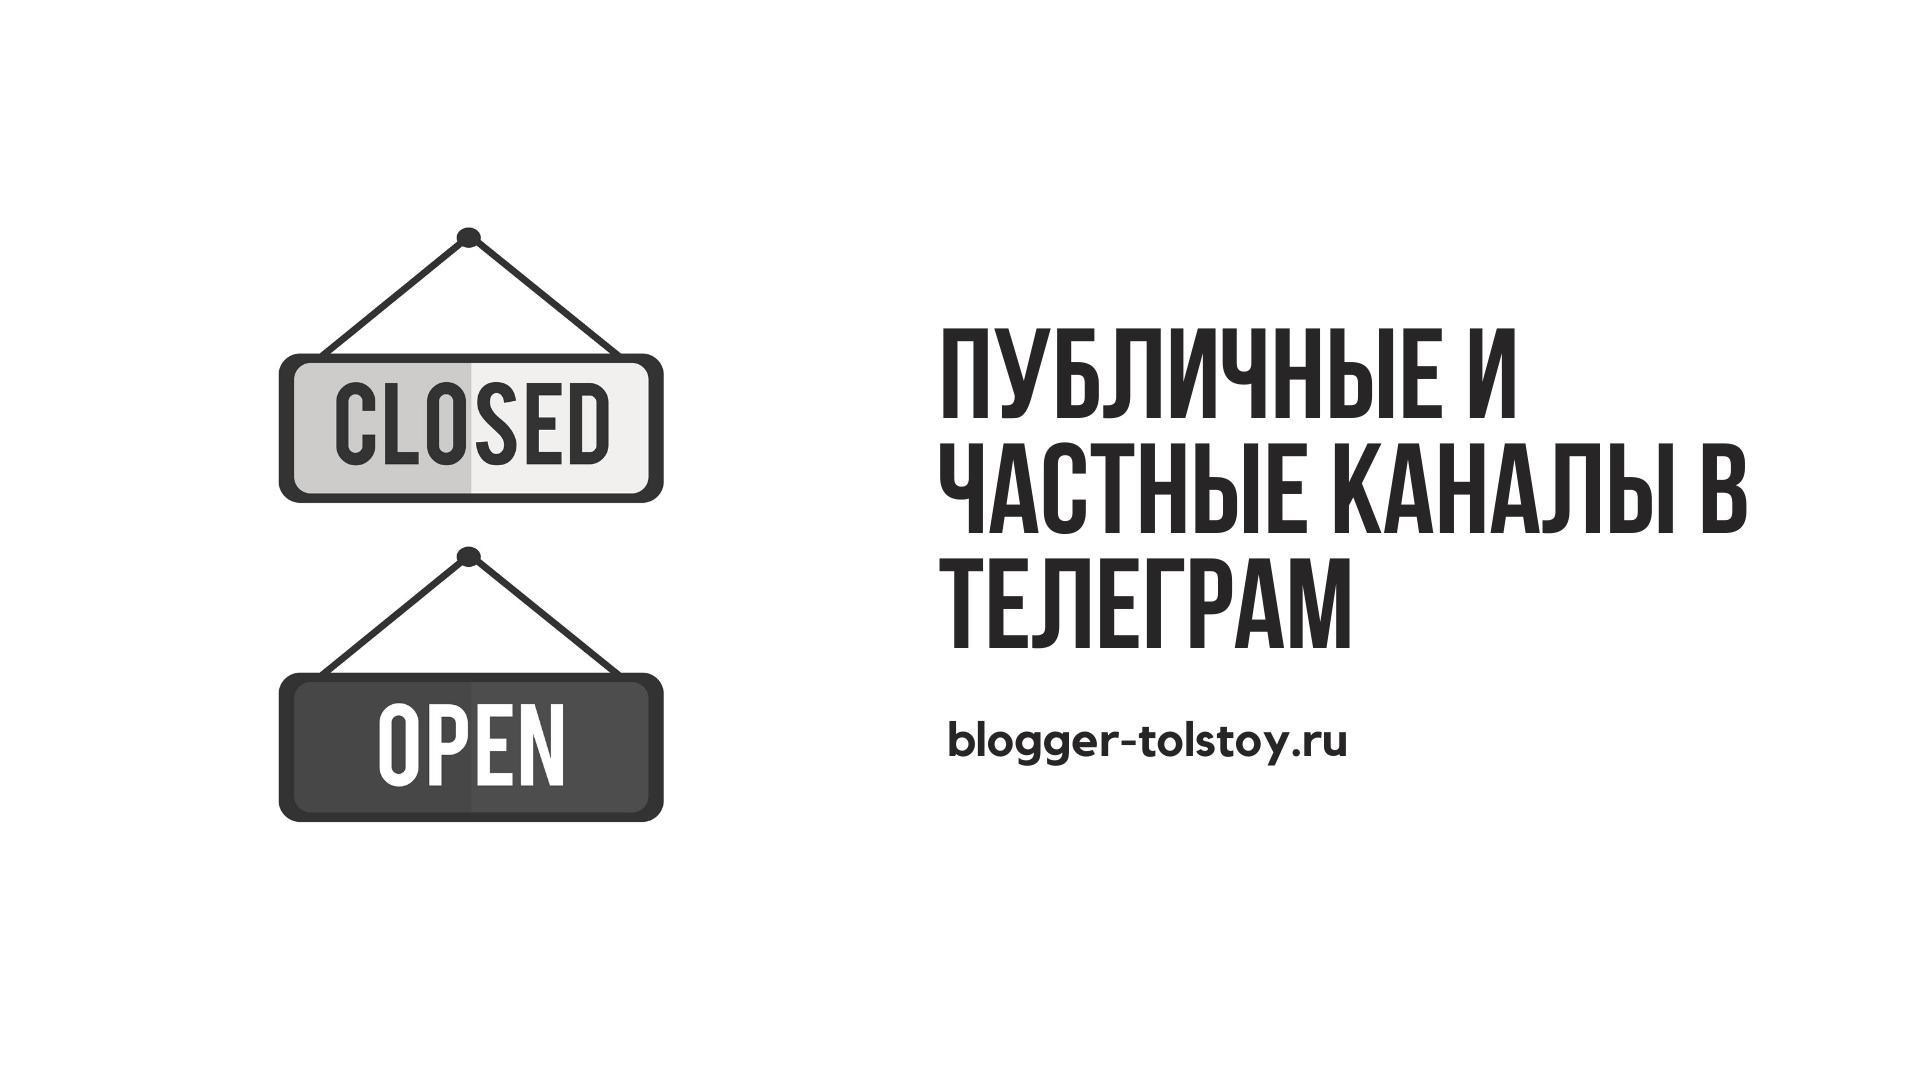 Публичные и частные каналы в телеграм: отличия, плюсы и минусы